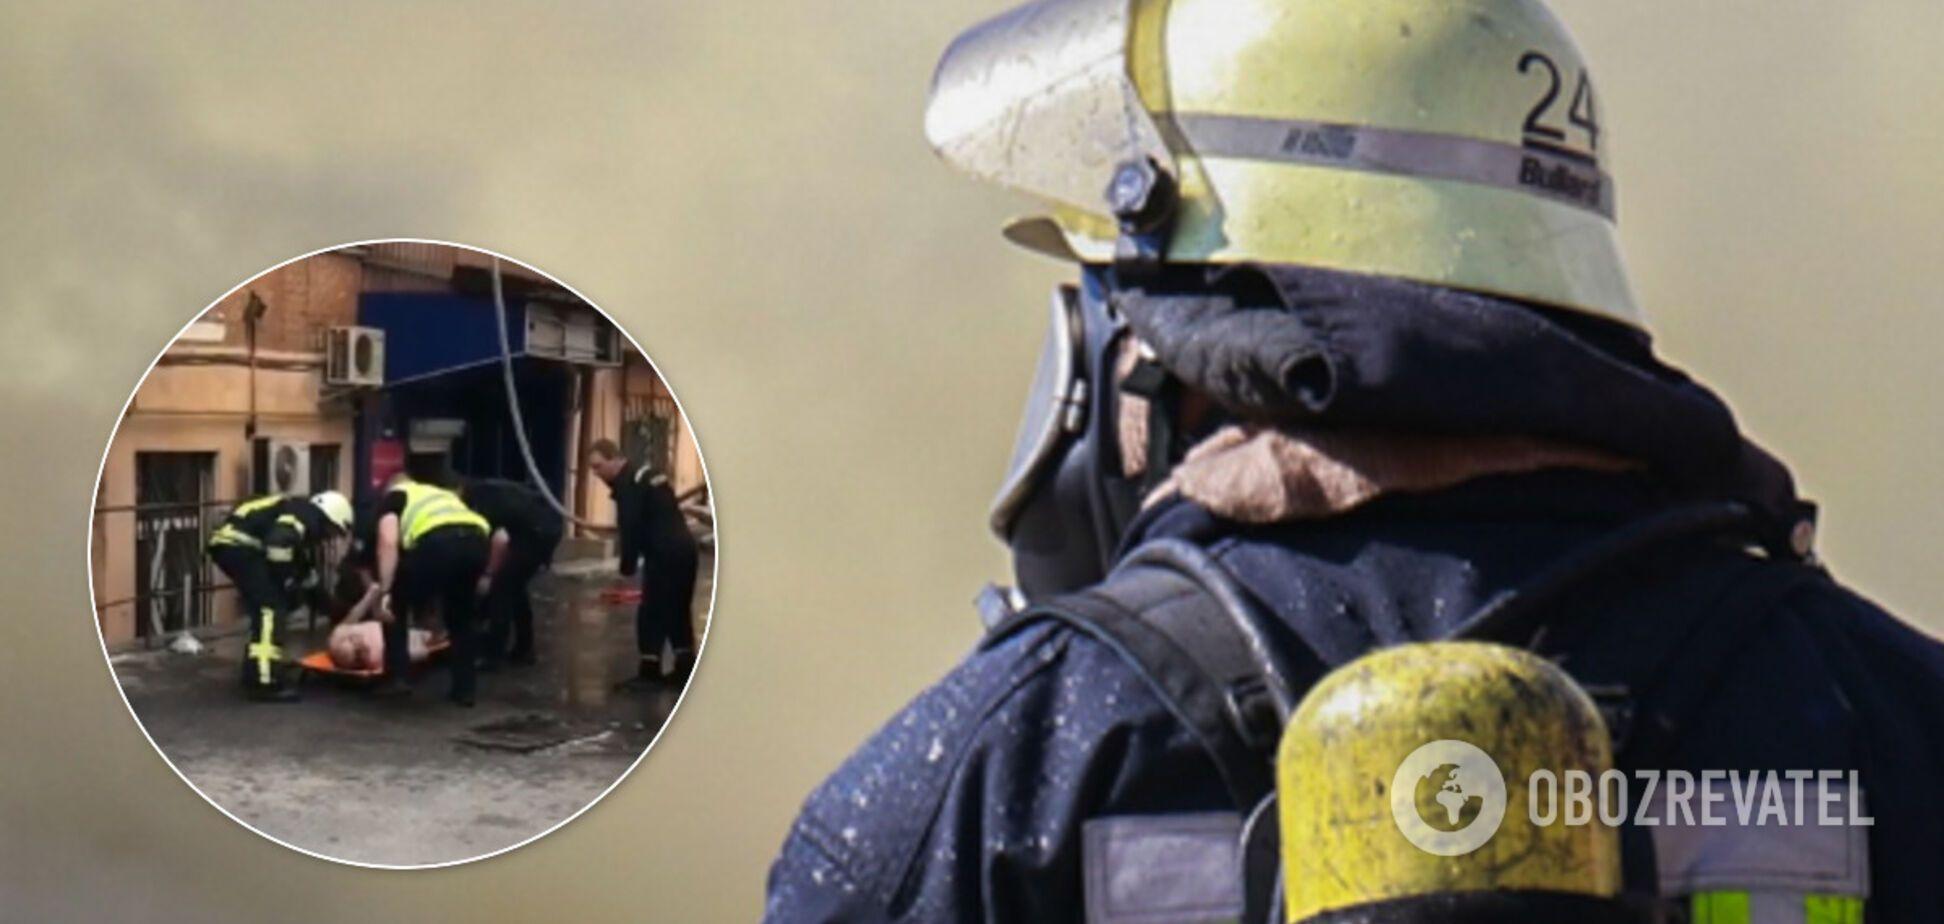 В Киеве голый мужчина выпрыгнул из горящей квартиры: внутри нашли зарезанную девушку. Видео 18+